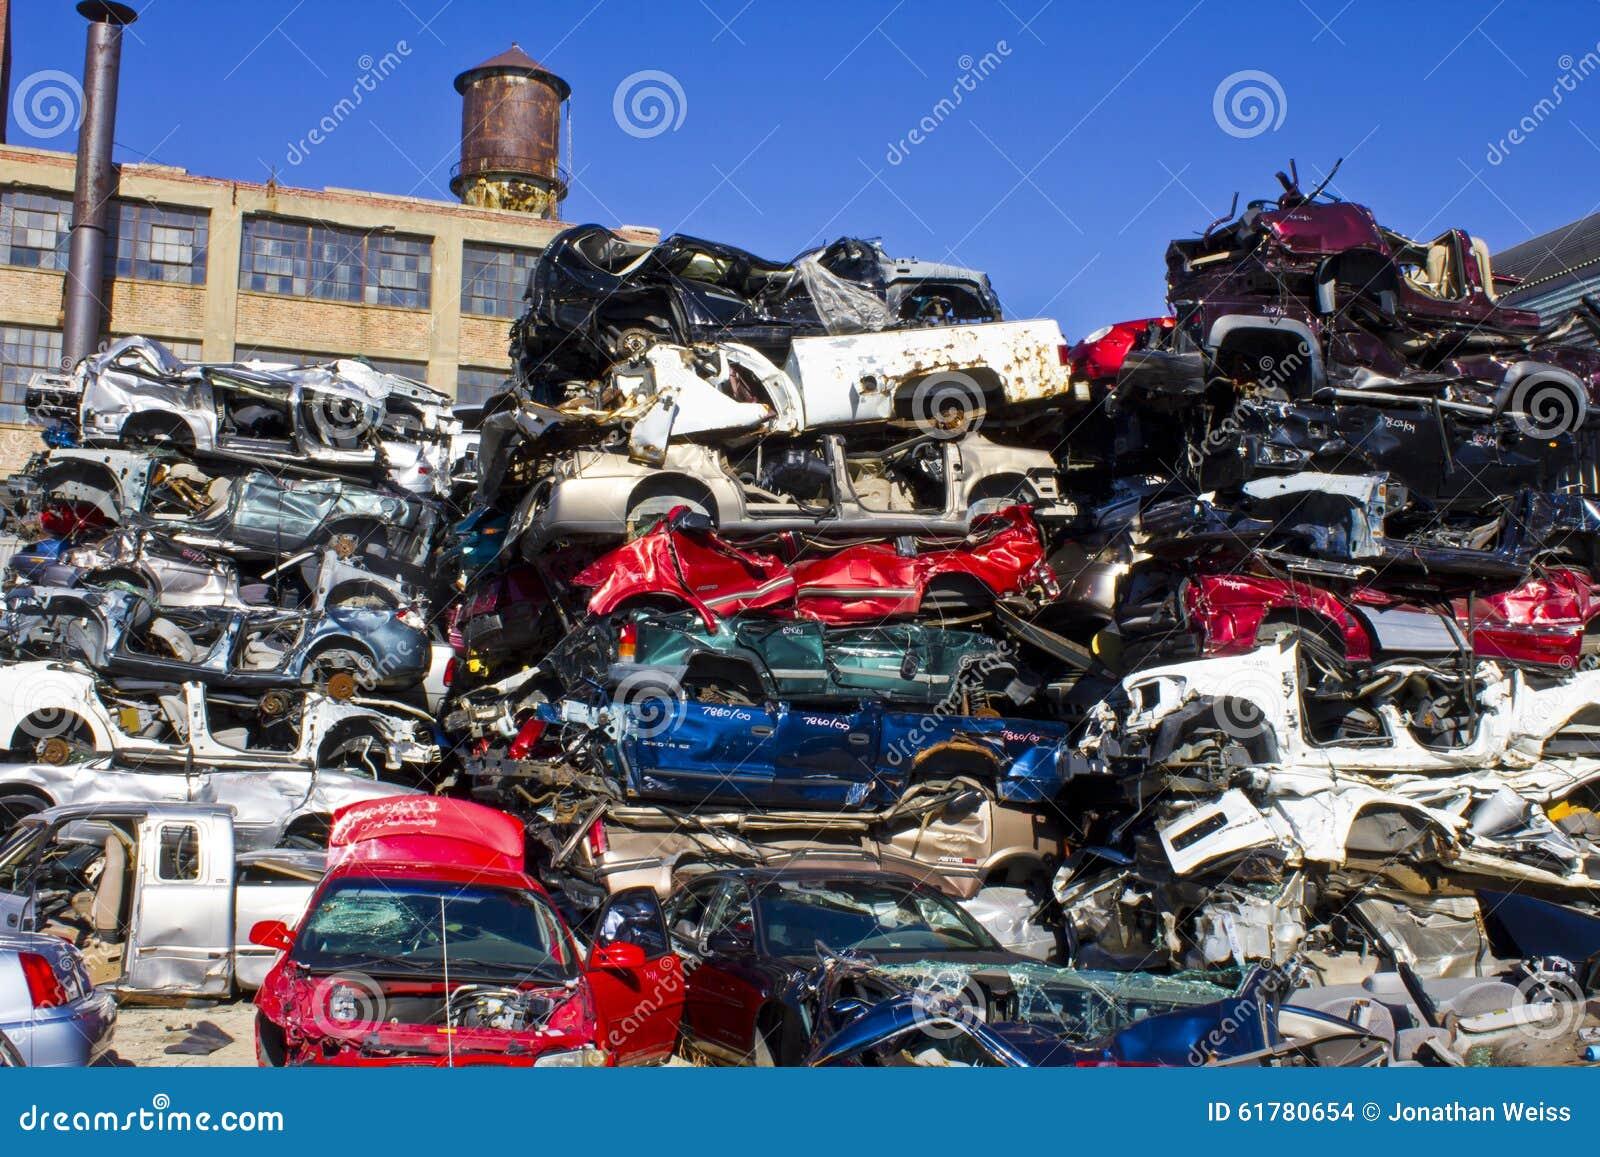 Indianapolis - Circa November 2015 - A Pile Of Stacked Junk Cars ...